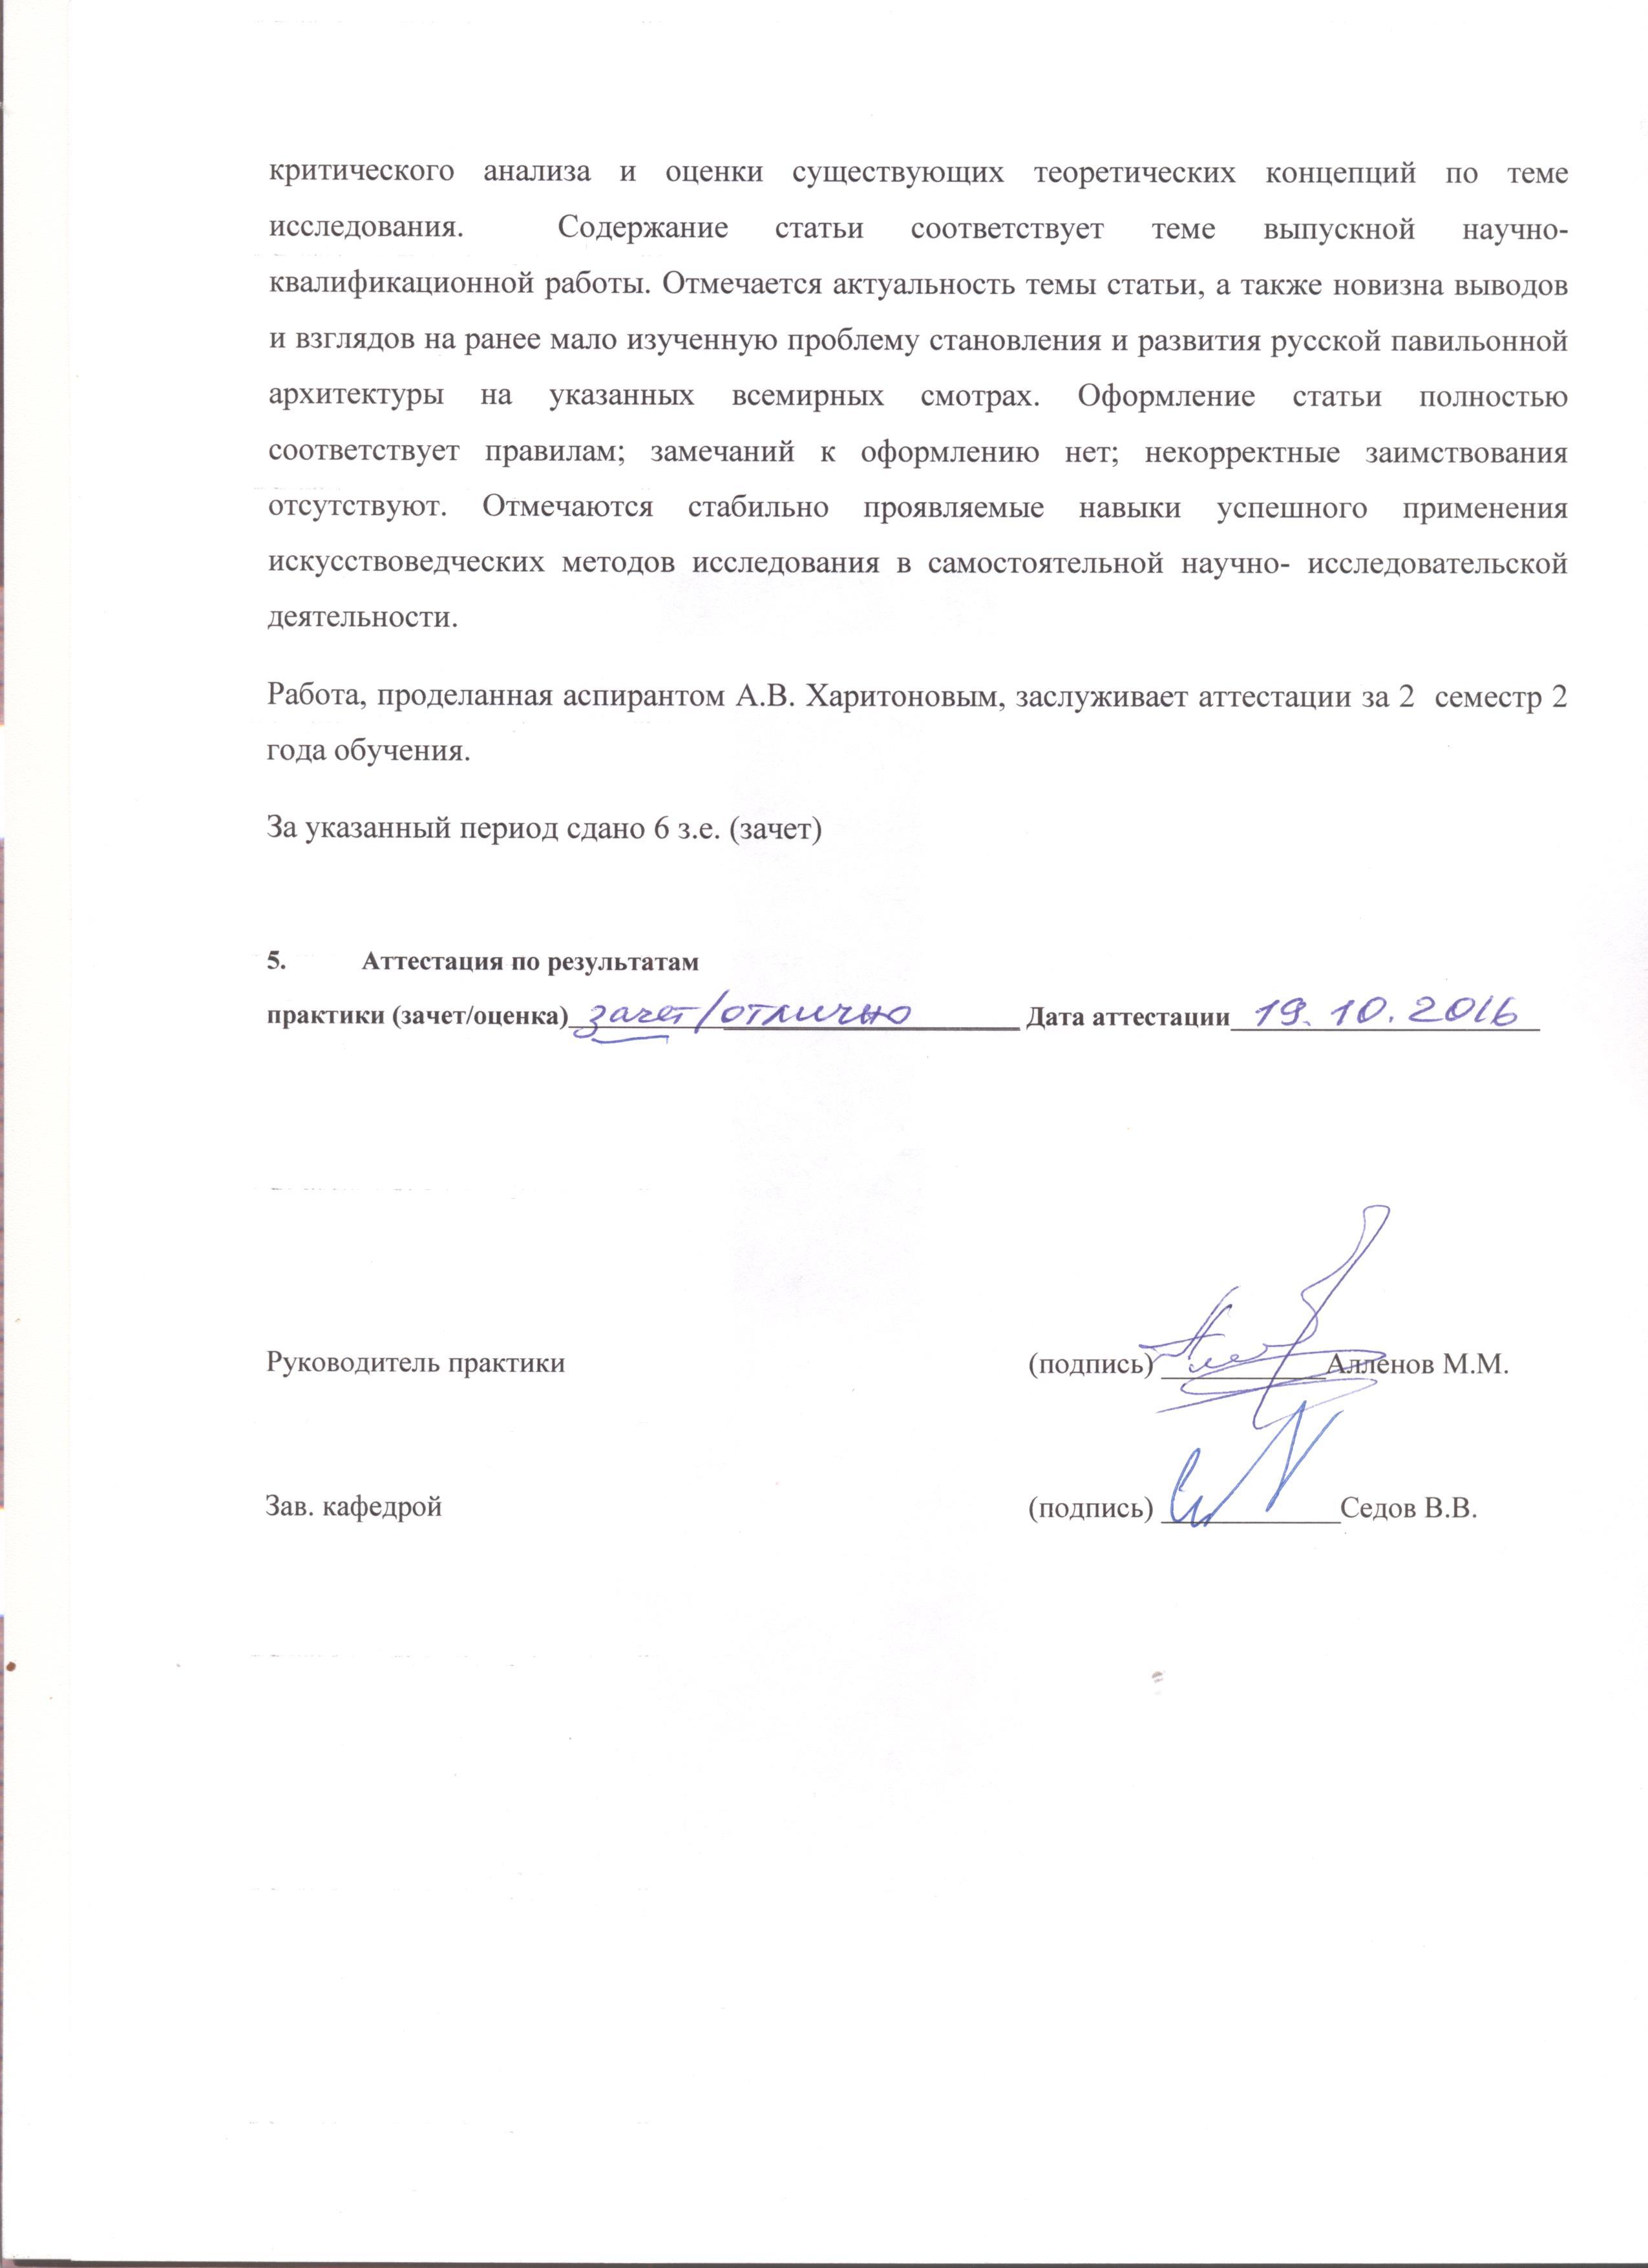 Харитонов Артур Владимирович пользователь сотрудник ИСТИНА  Отчет по исследовательской практике 2 2